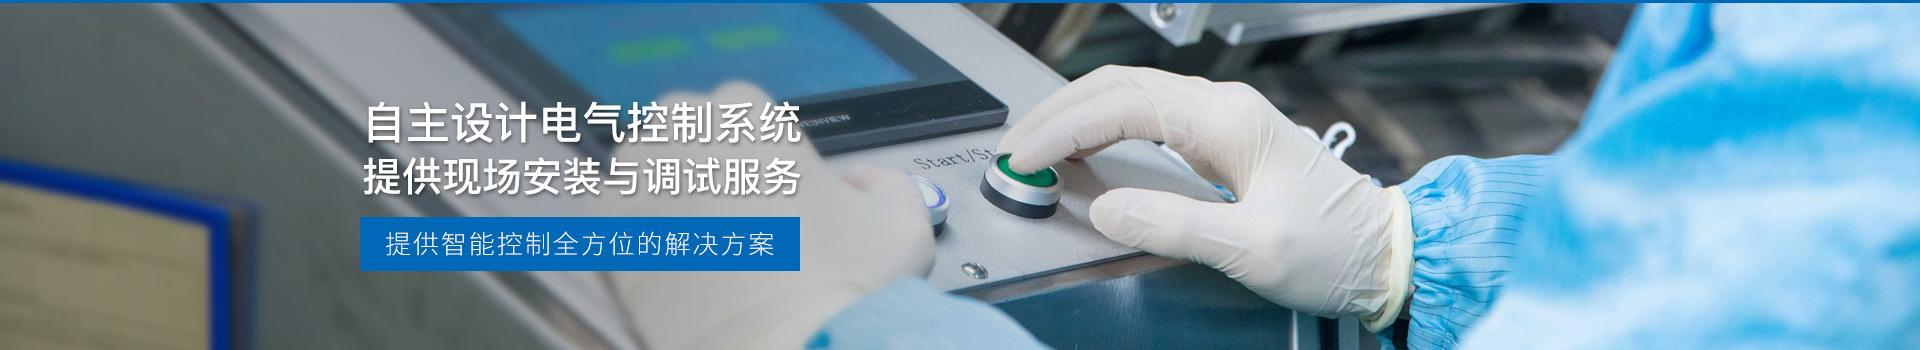 华东工控,自主设计电气控制系统,提供现场安装与调试服务